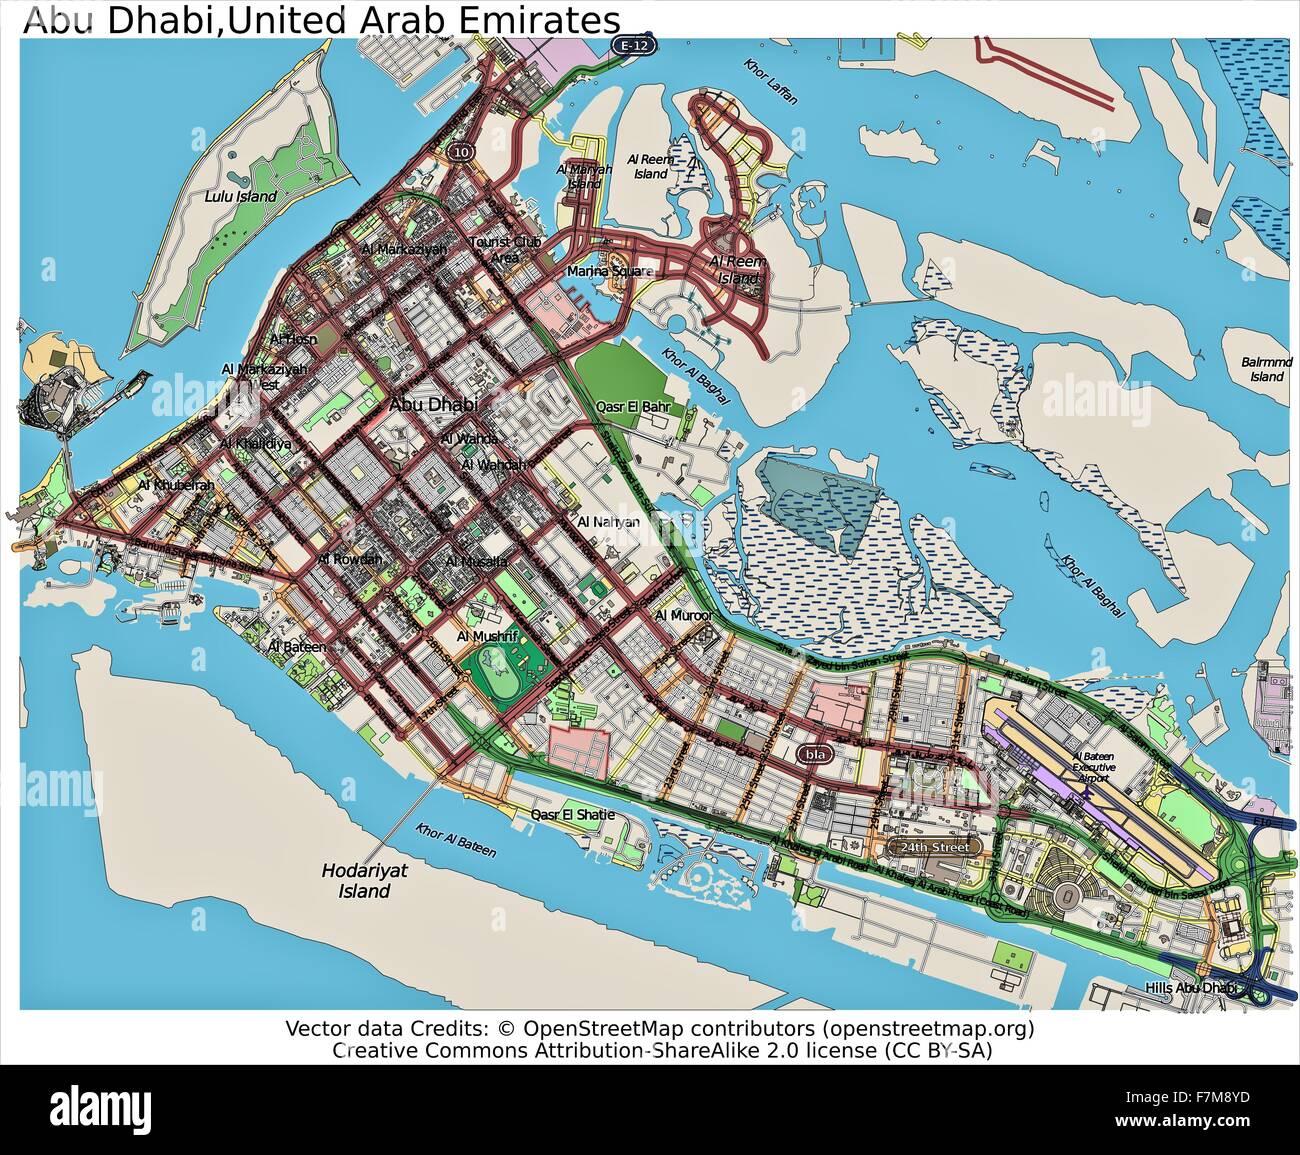 Abu Dhabi United Arab Emirates city map Stock Photo: 90800513 - Alamy